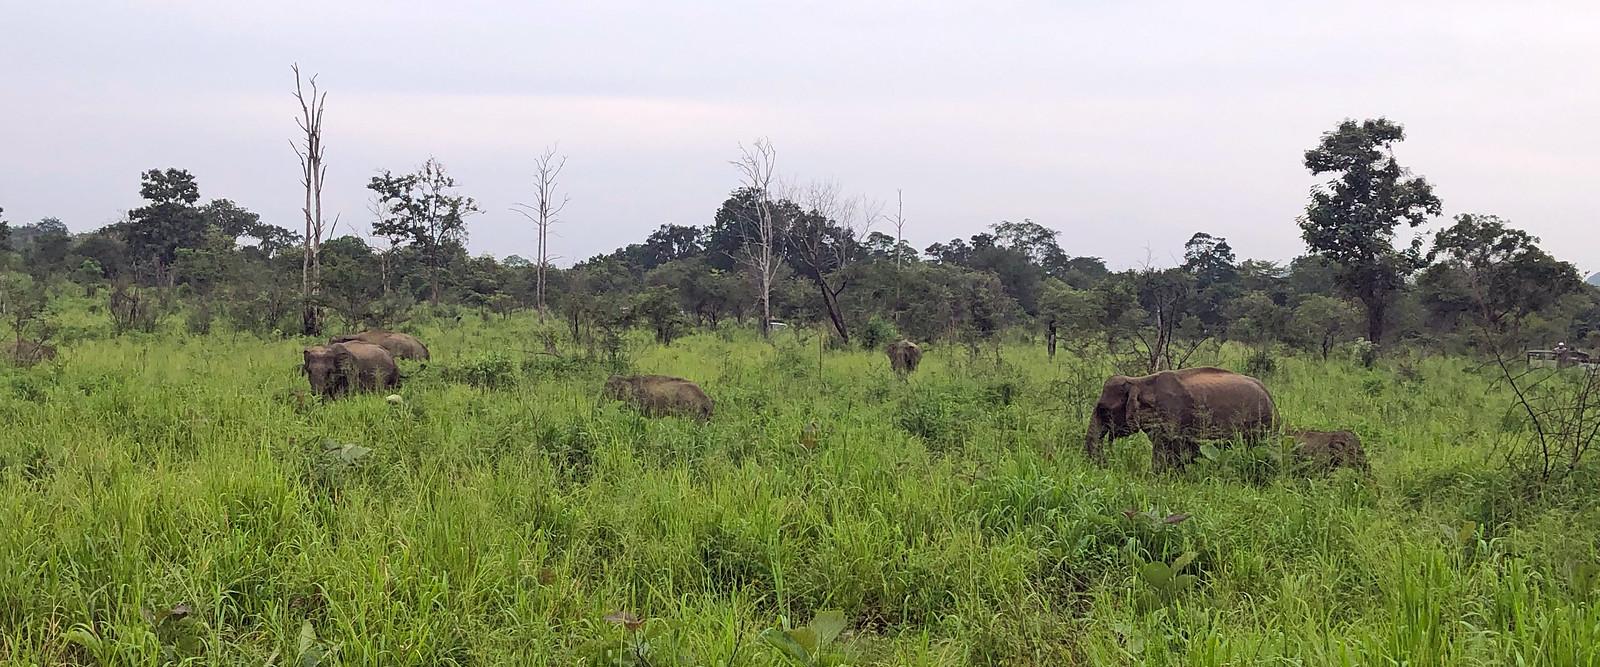 VER ELEFANTES SALVAJES EN SRI LANKA ver elefantes salvajes en sri lanka - 32032813527 ad08267410 h - Ver elefantes salvajes en Sri Lanka